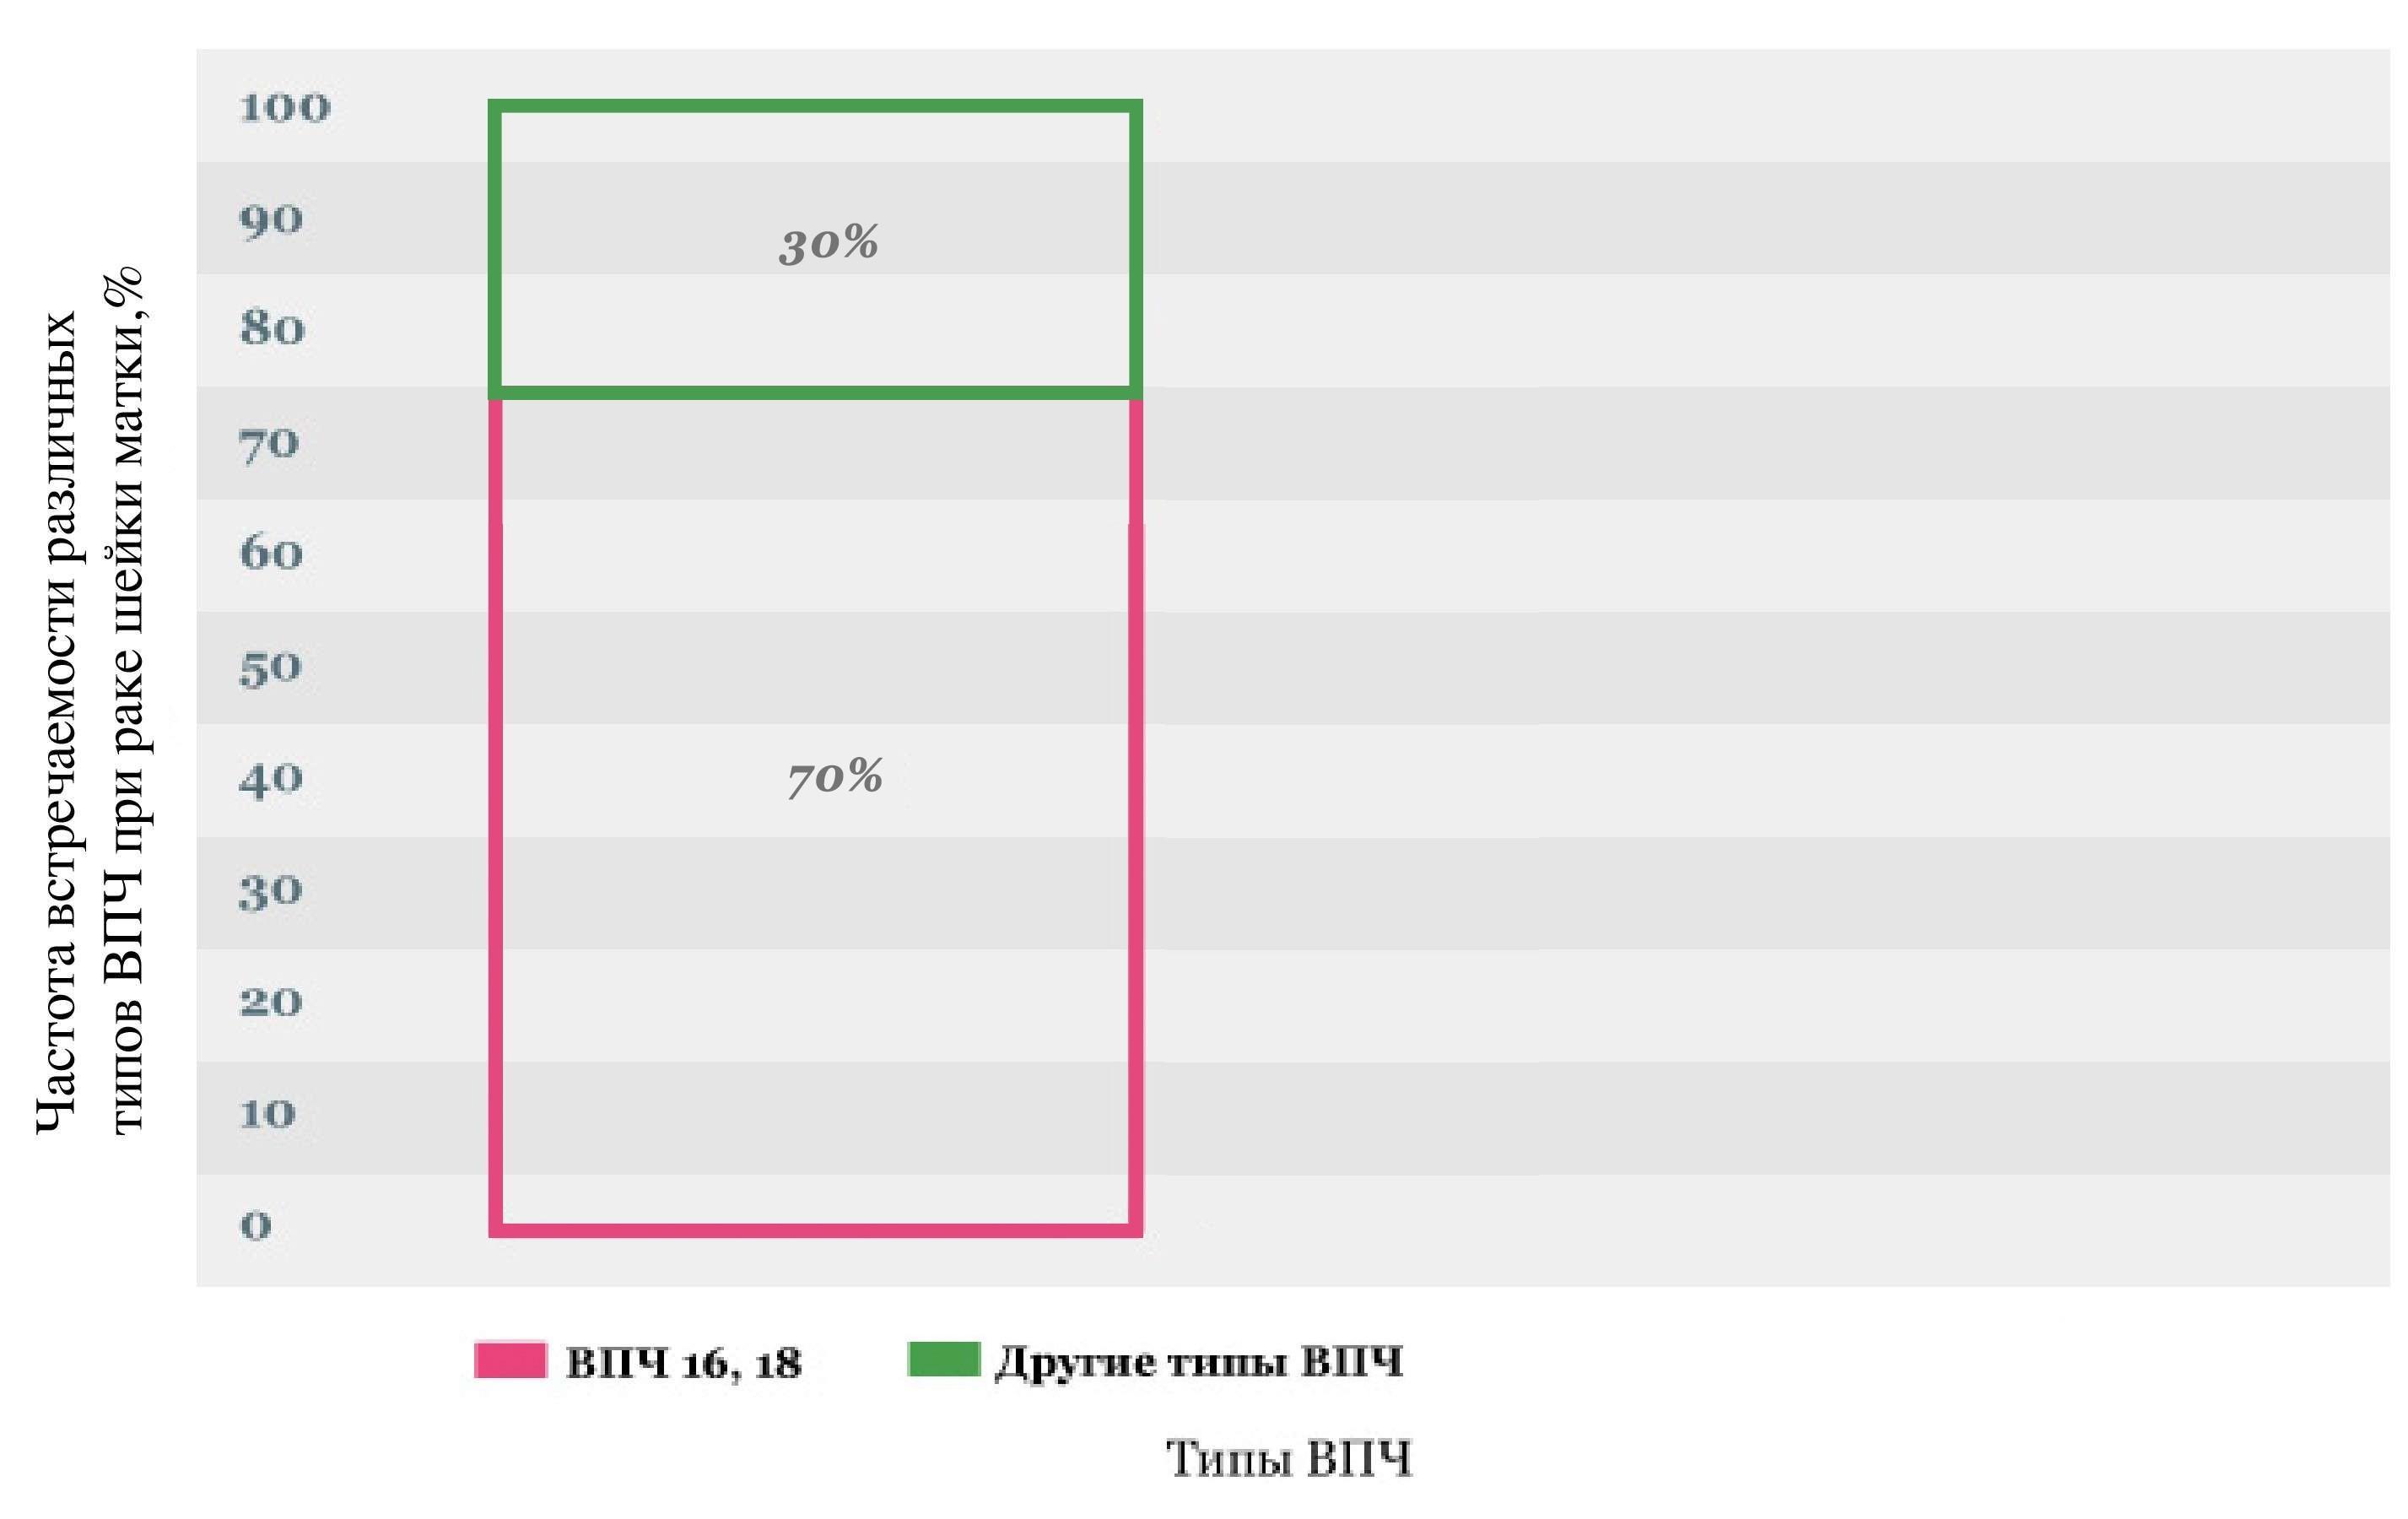 Частота встречаемости различных типов ВПЧ при раке шейки матки